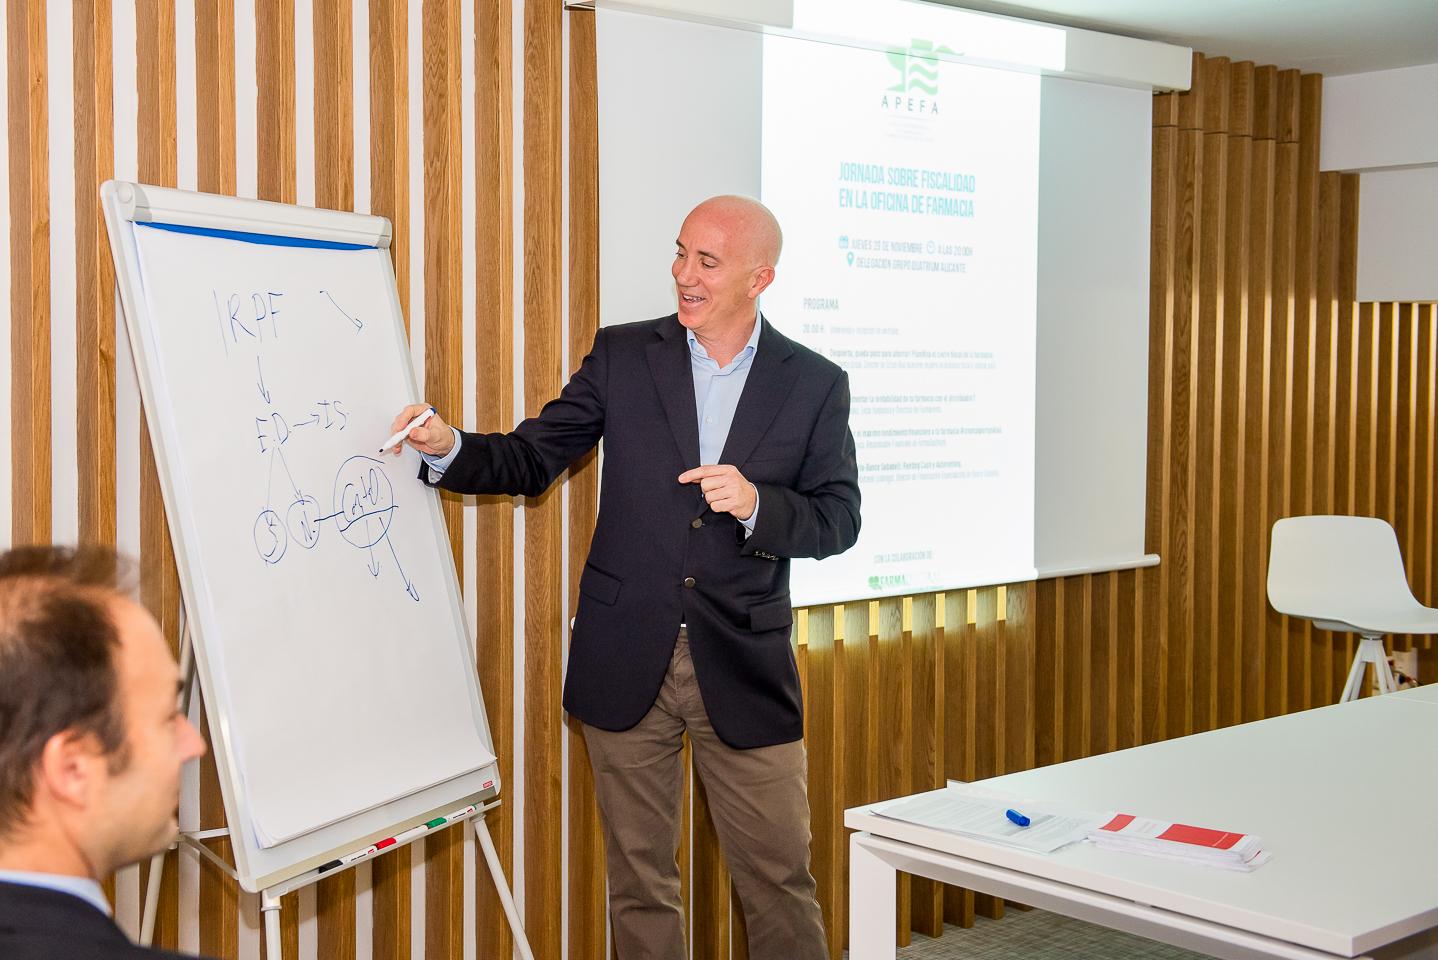 APEFA aborda las claves para optimizar la gestión fiscal de la oficina de farmacia en Alicante 1